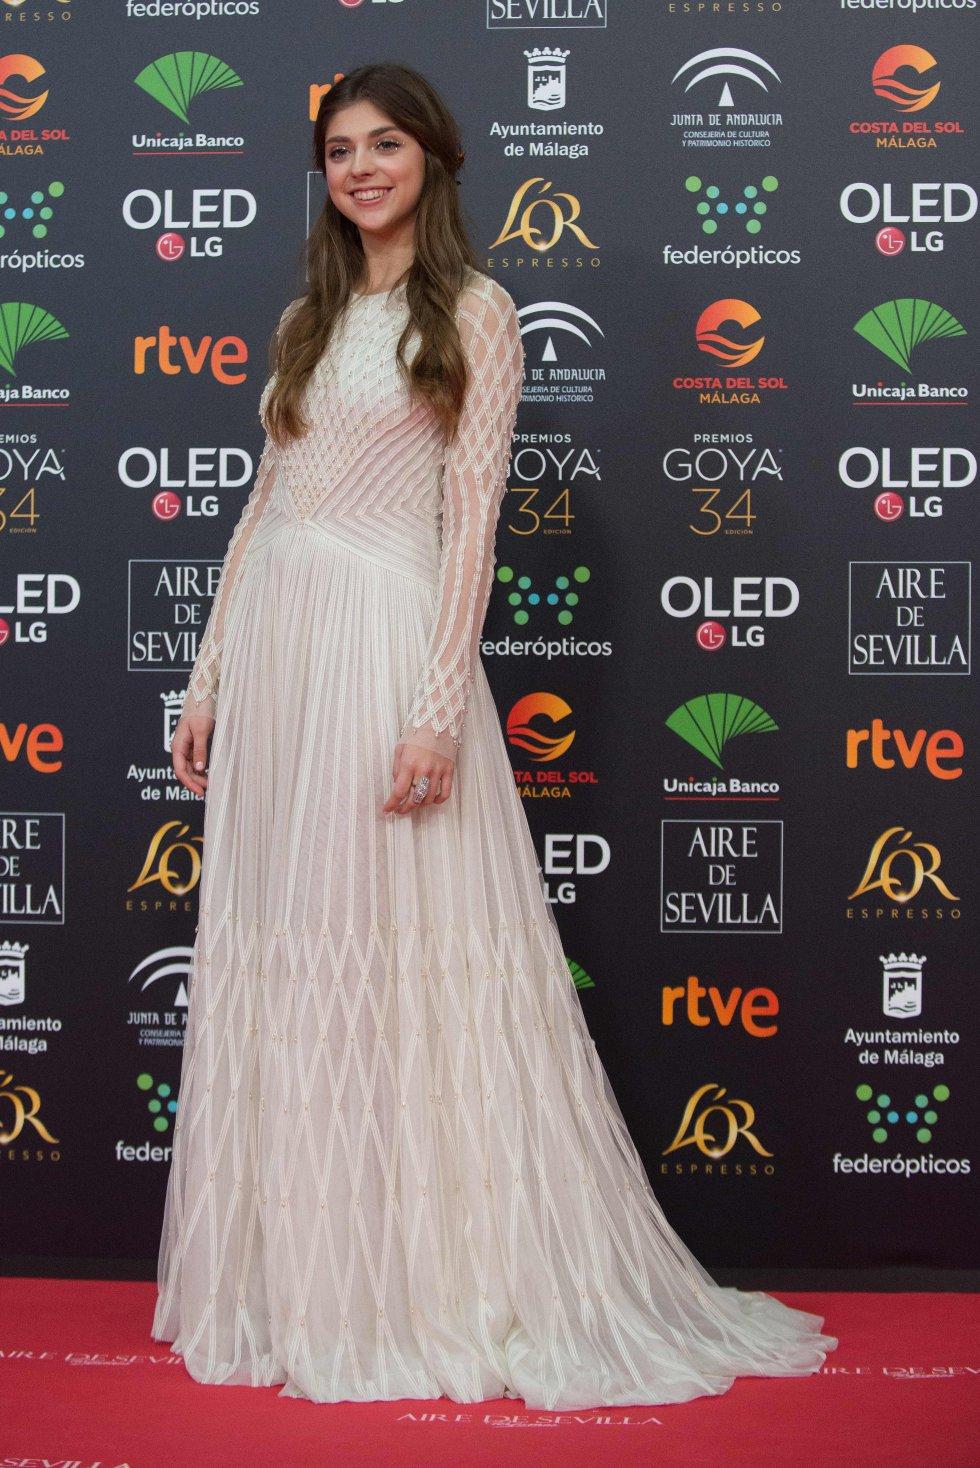 Carmen Arrufat en la alfombra roja de los Premios Goya 2020